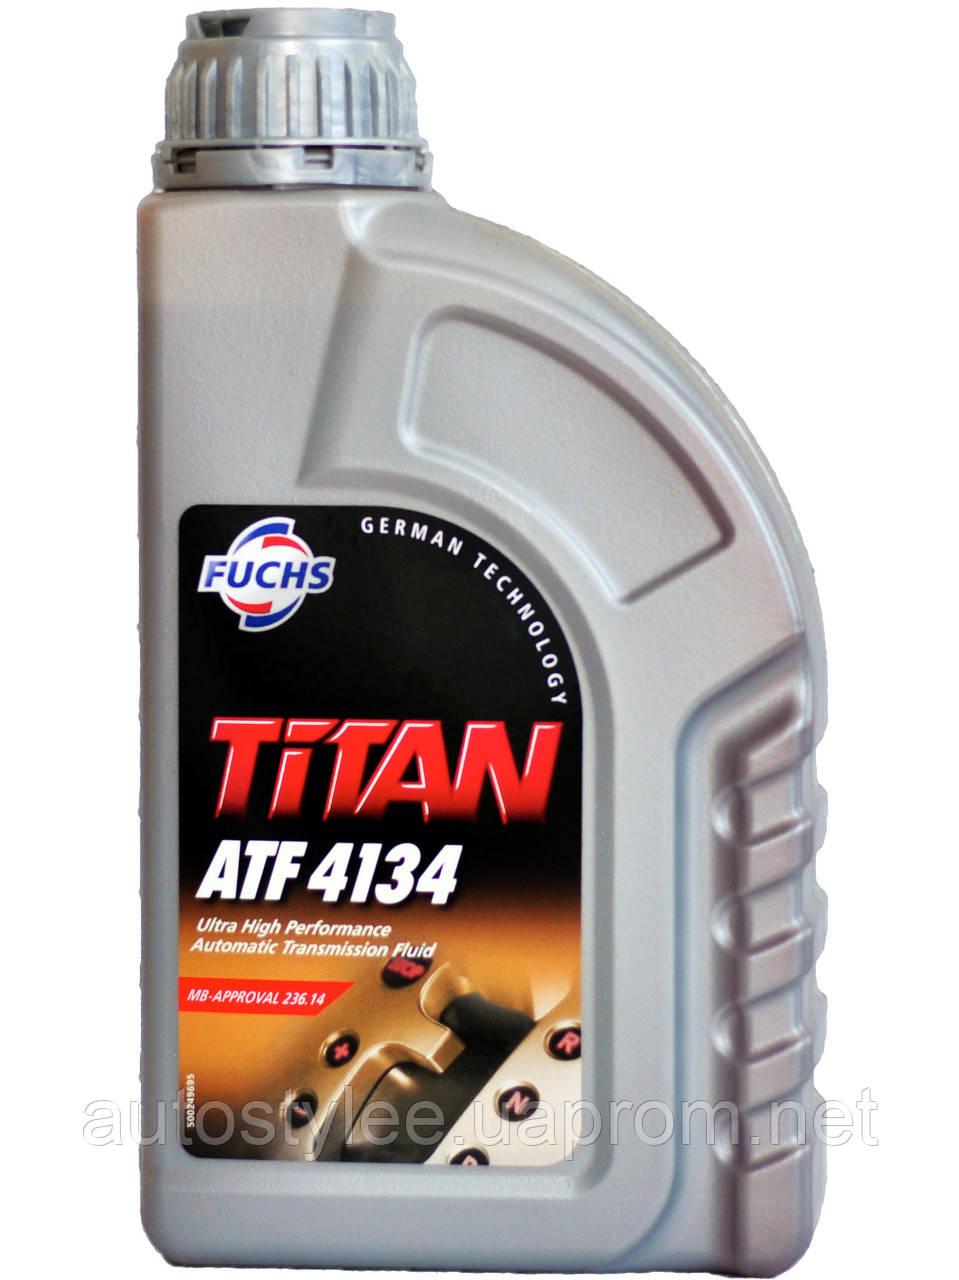 Масло трансмиссионное Titan ATF 4134 1 л.